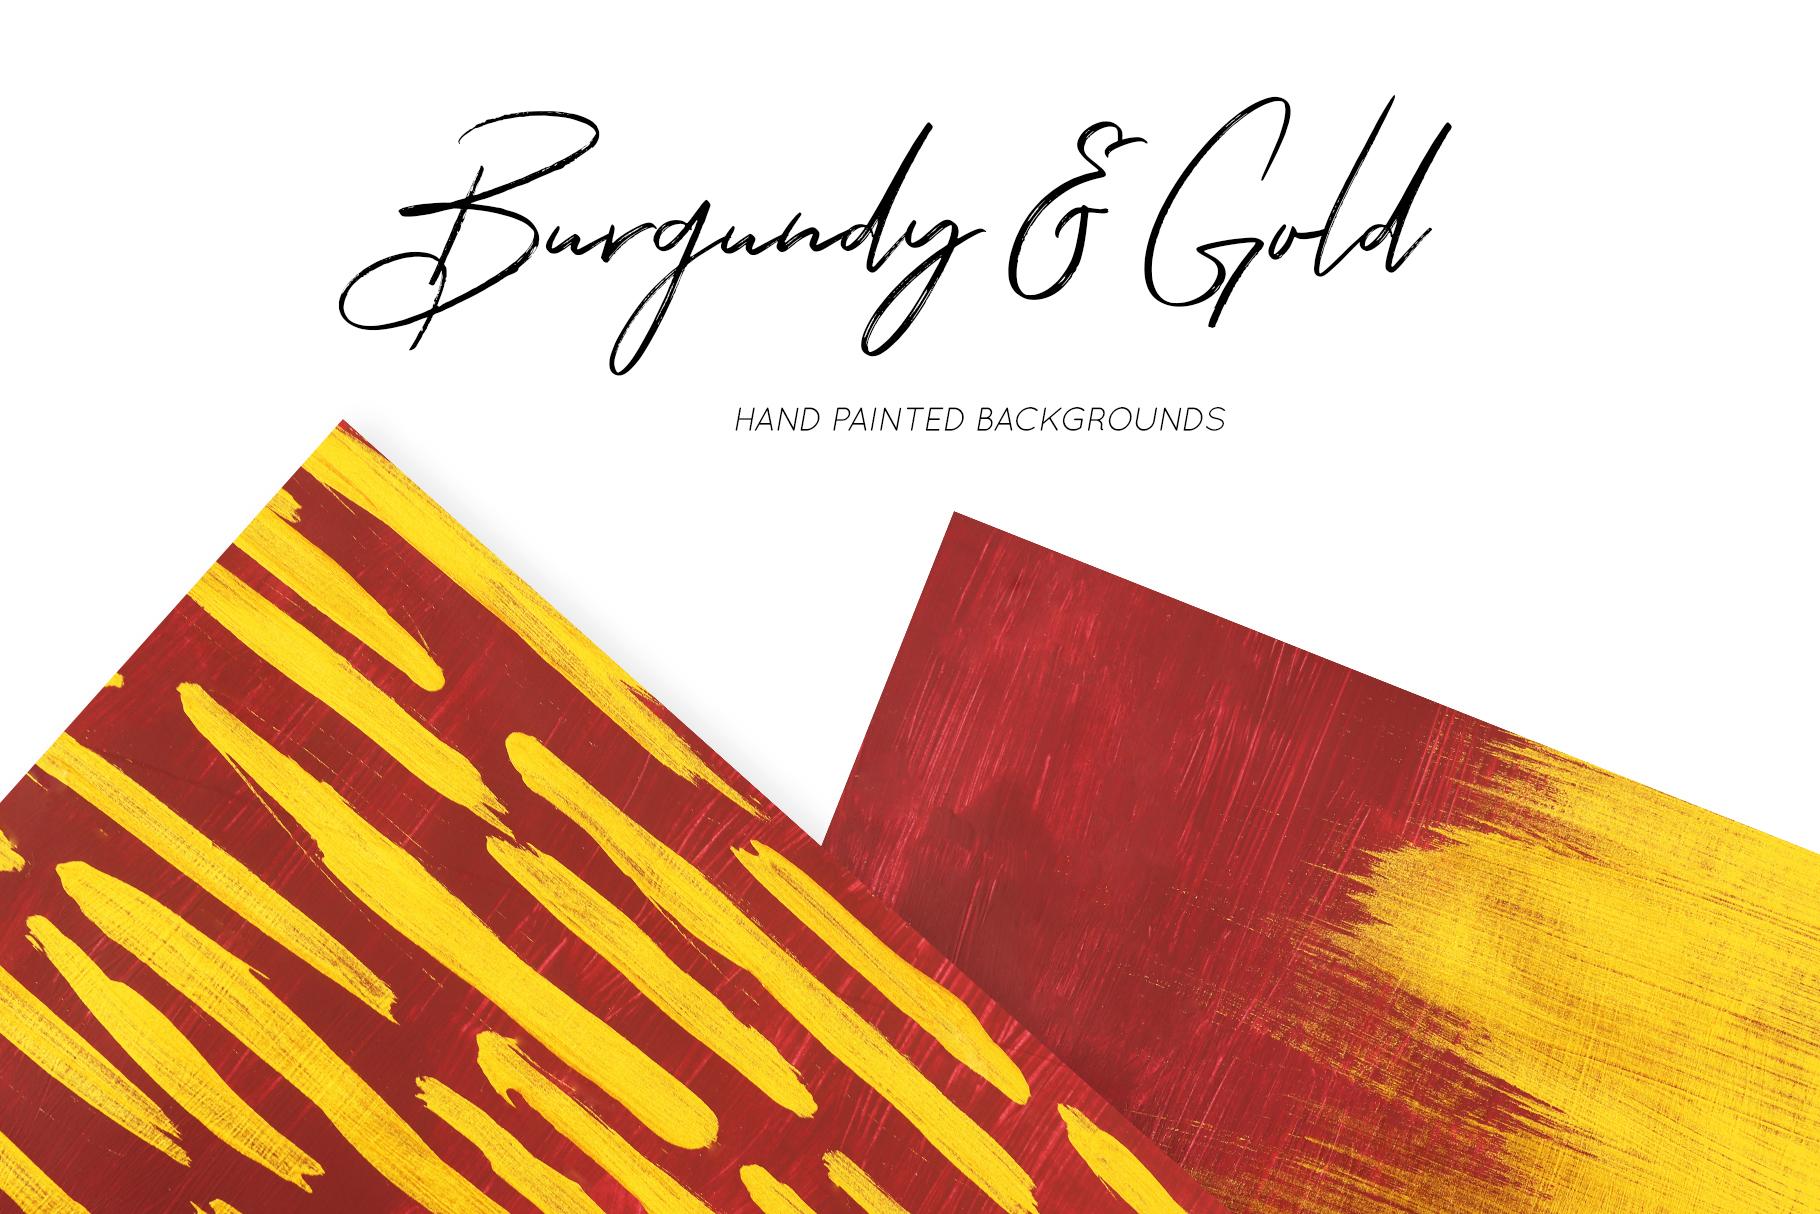 抽象手绘金色朱红漆背景纹理 Burgundy & Gold Abstract Backgrounds插图(5)